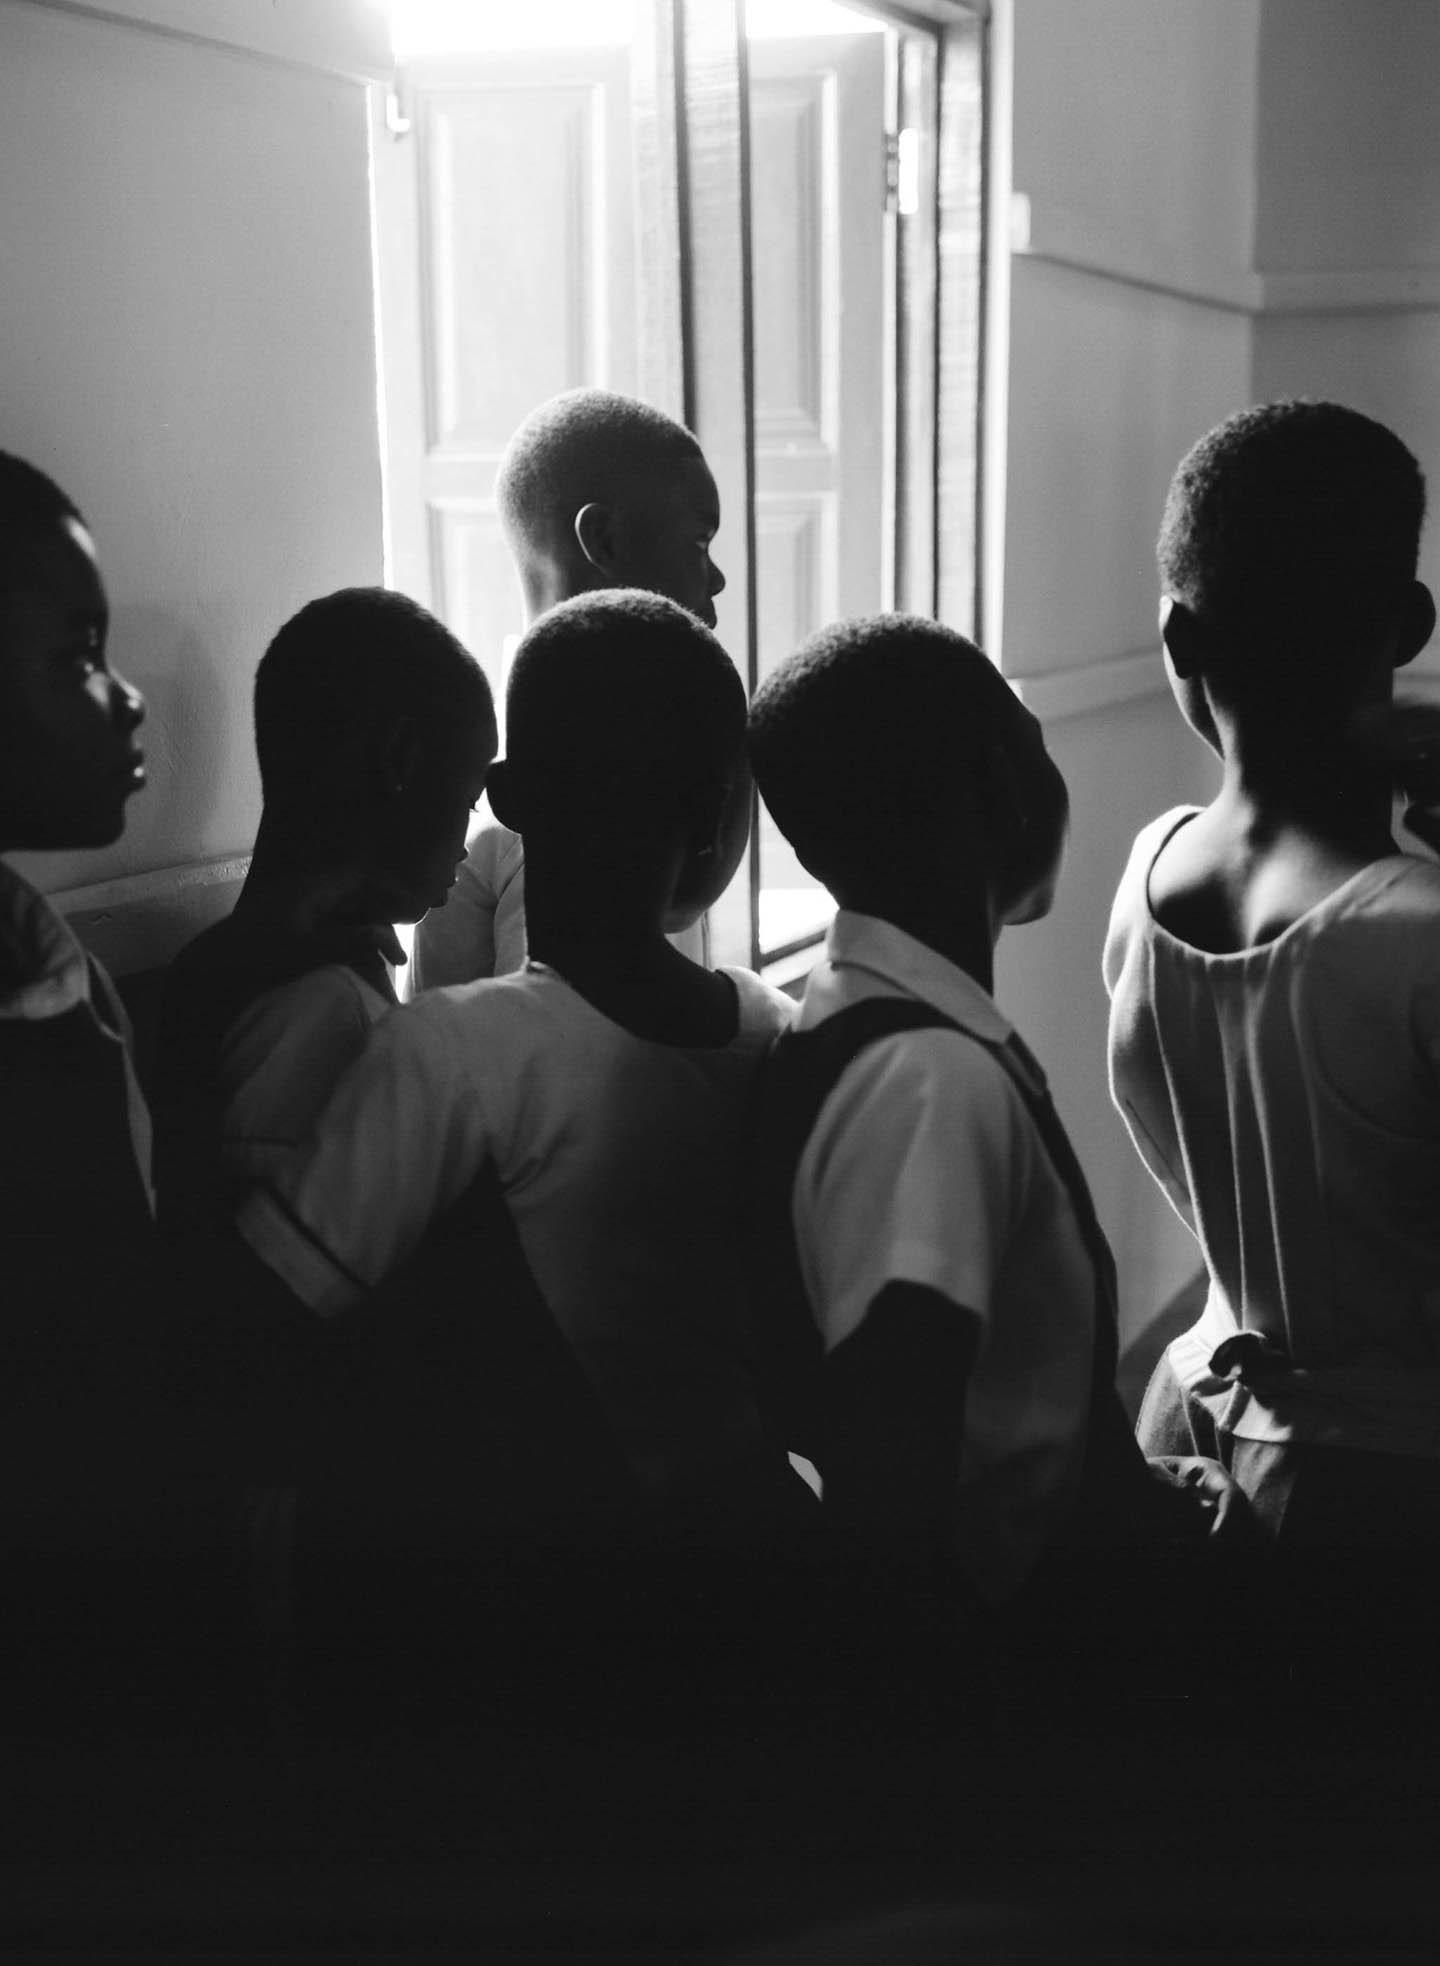 Ghana Documentary - pencils of promise + melyssa griffin